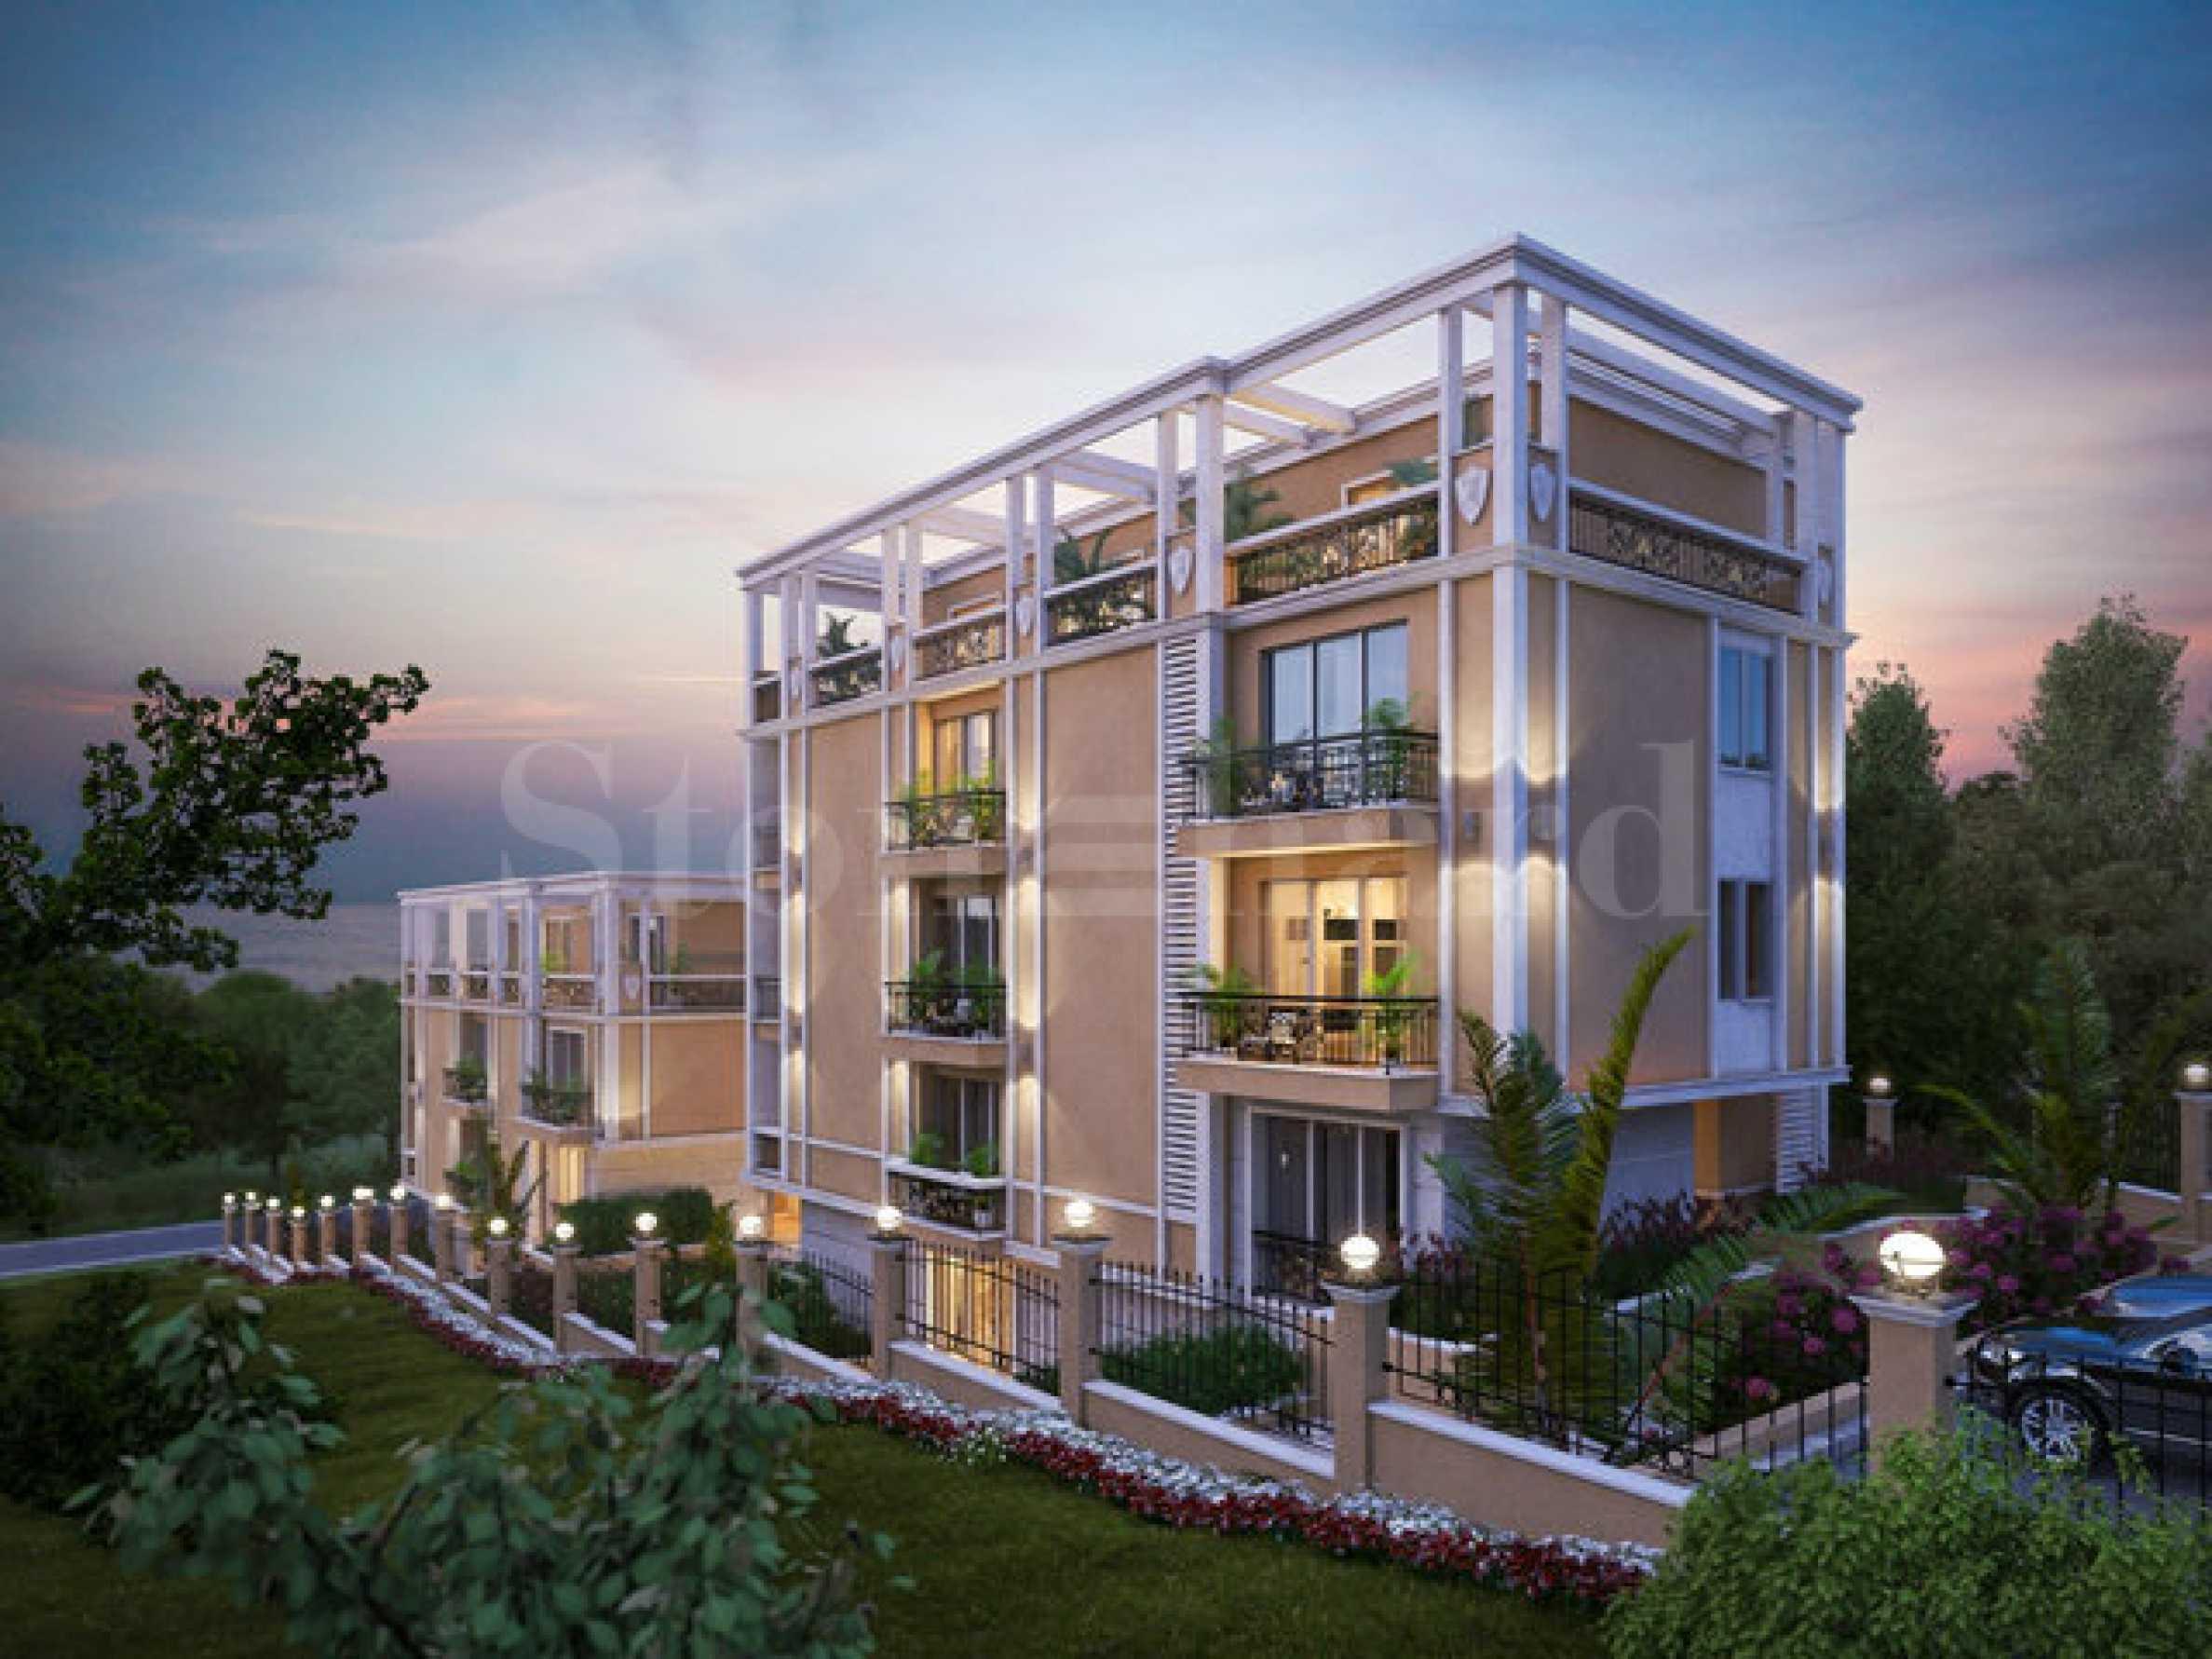 Апартаменти в разкошен нов комплекс до резиденция Евксиноград1 - Stonehard